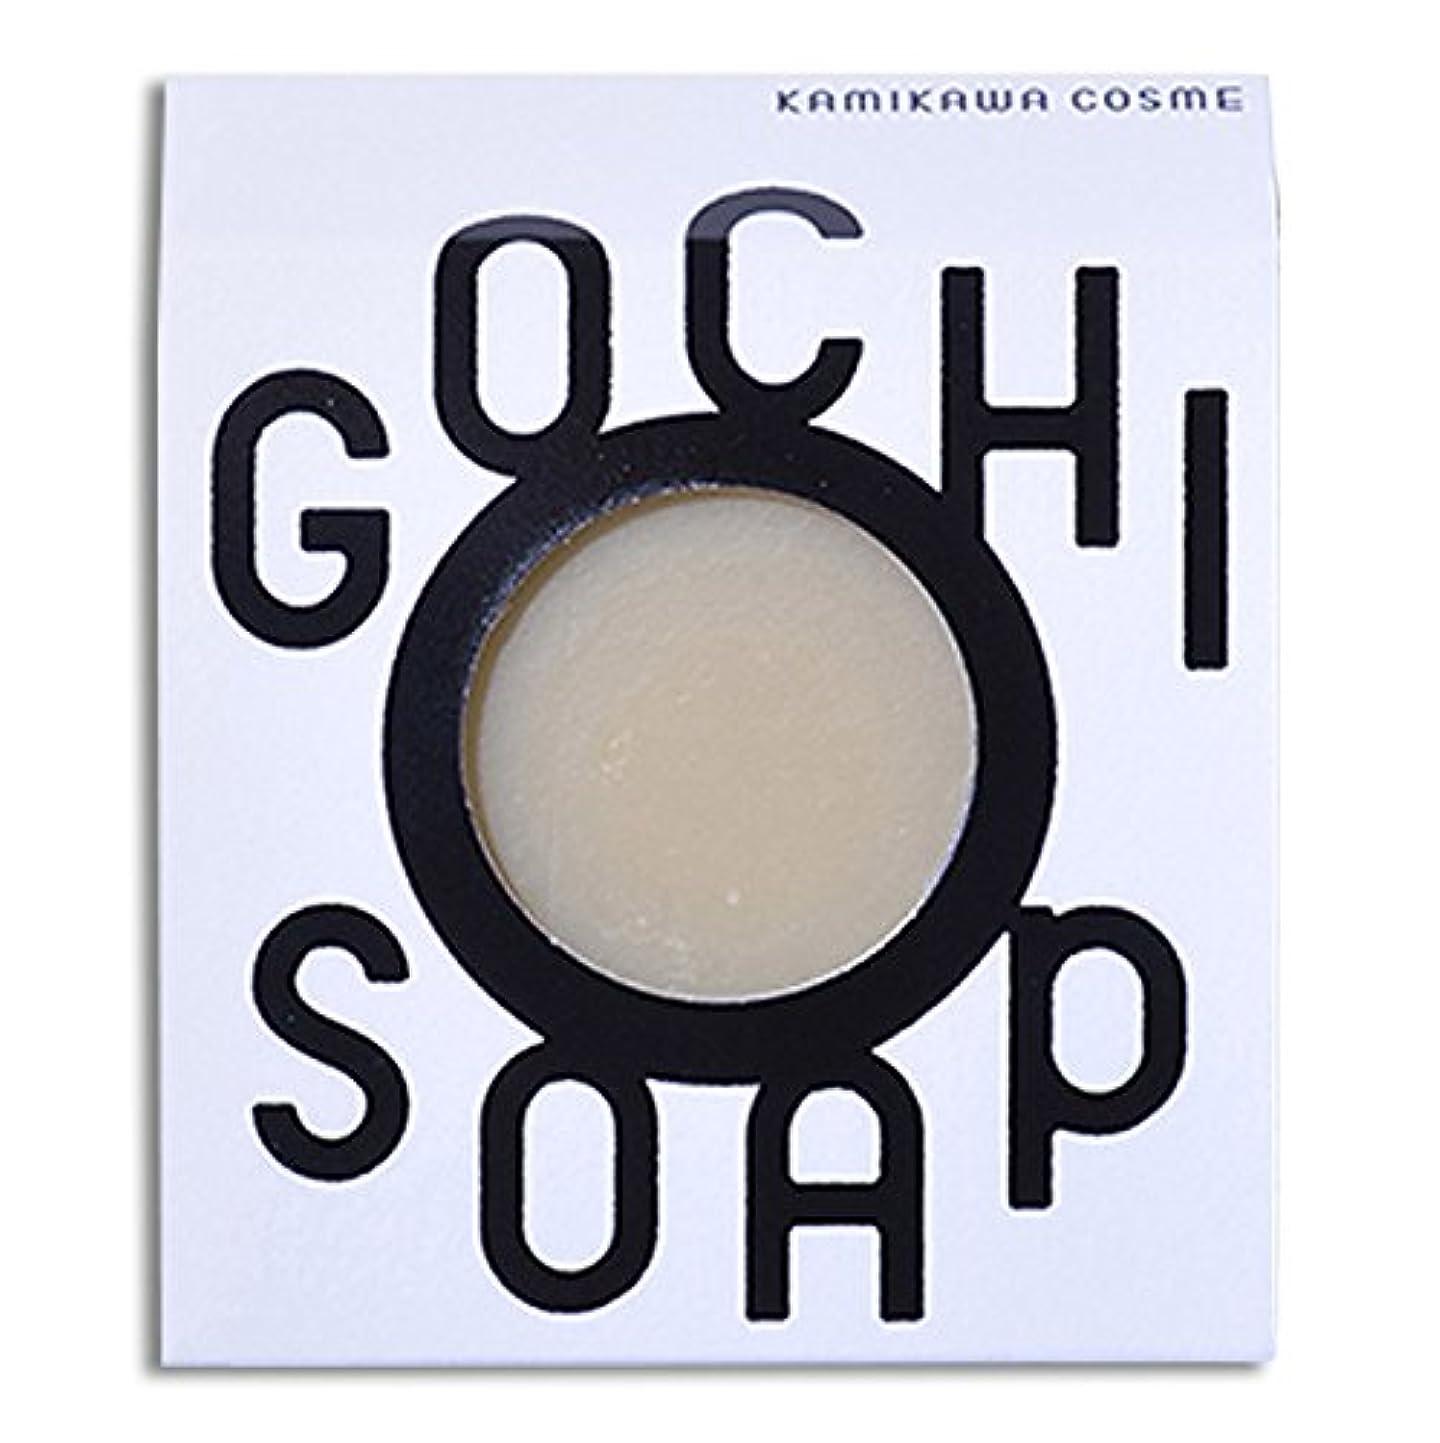 効果的観察する治安判事道北の素材を使用したコスメブランド GOCHI SOAP(伊勢ファームの牛乳ソープ?平田こうじ店の米糀ソープ)各1個セット